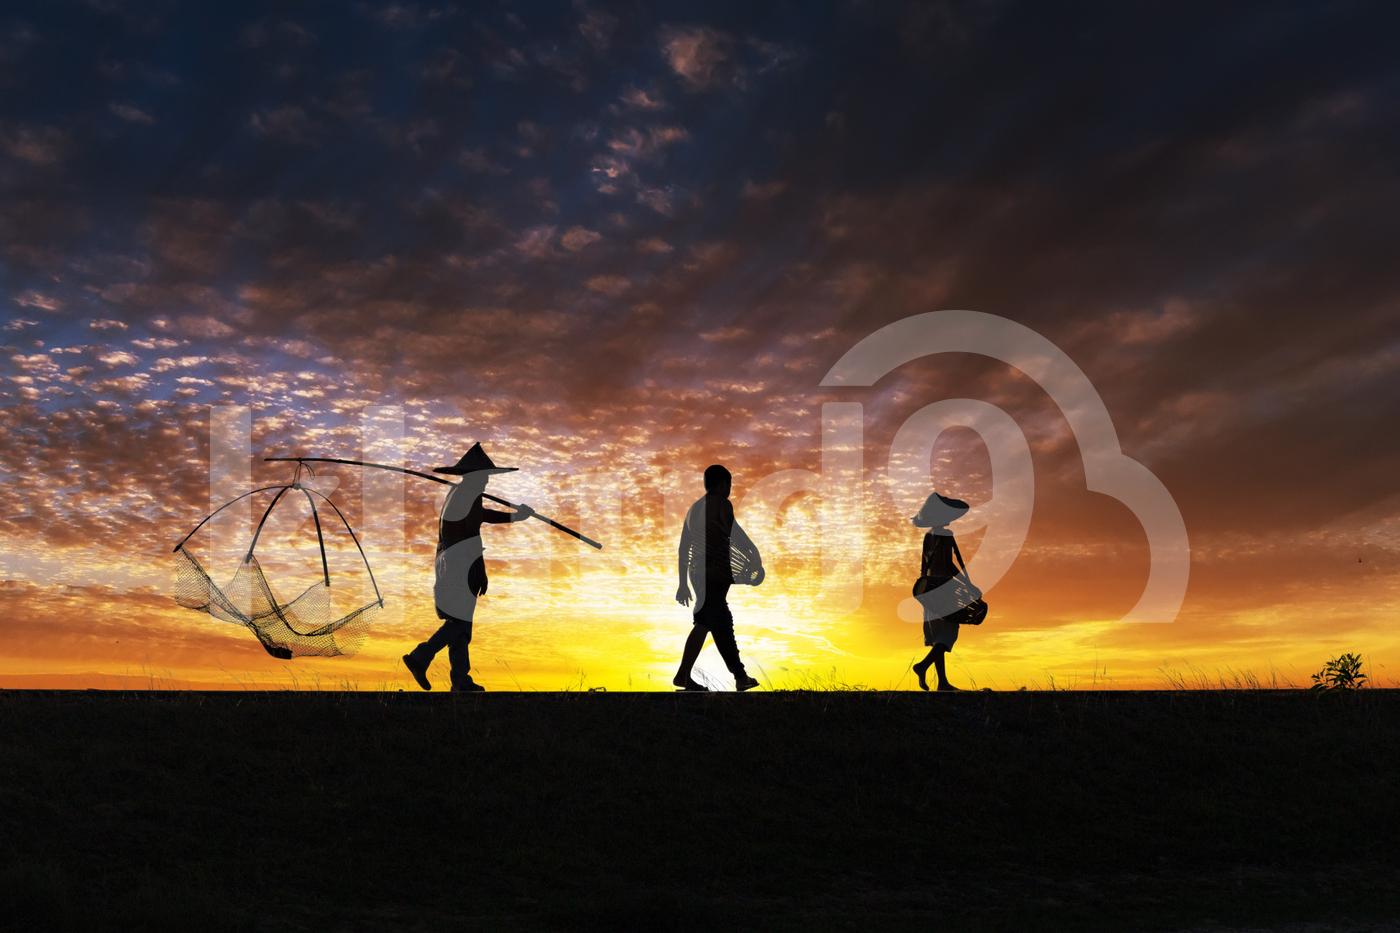 Men walking at sunset